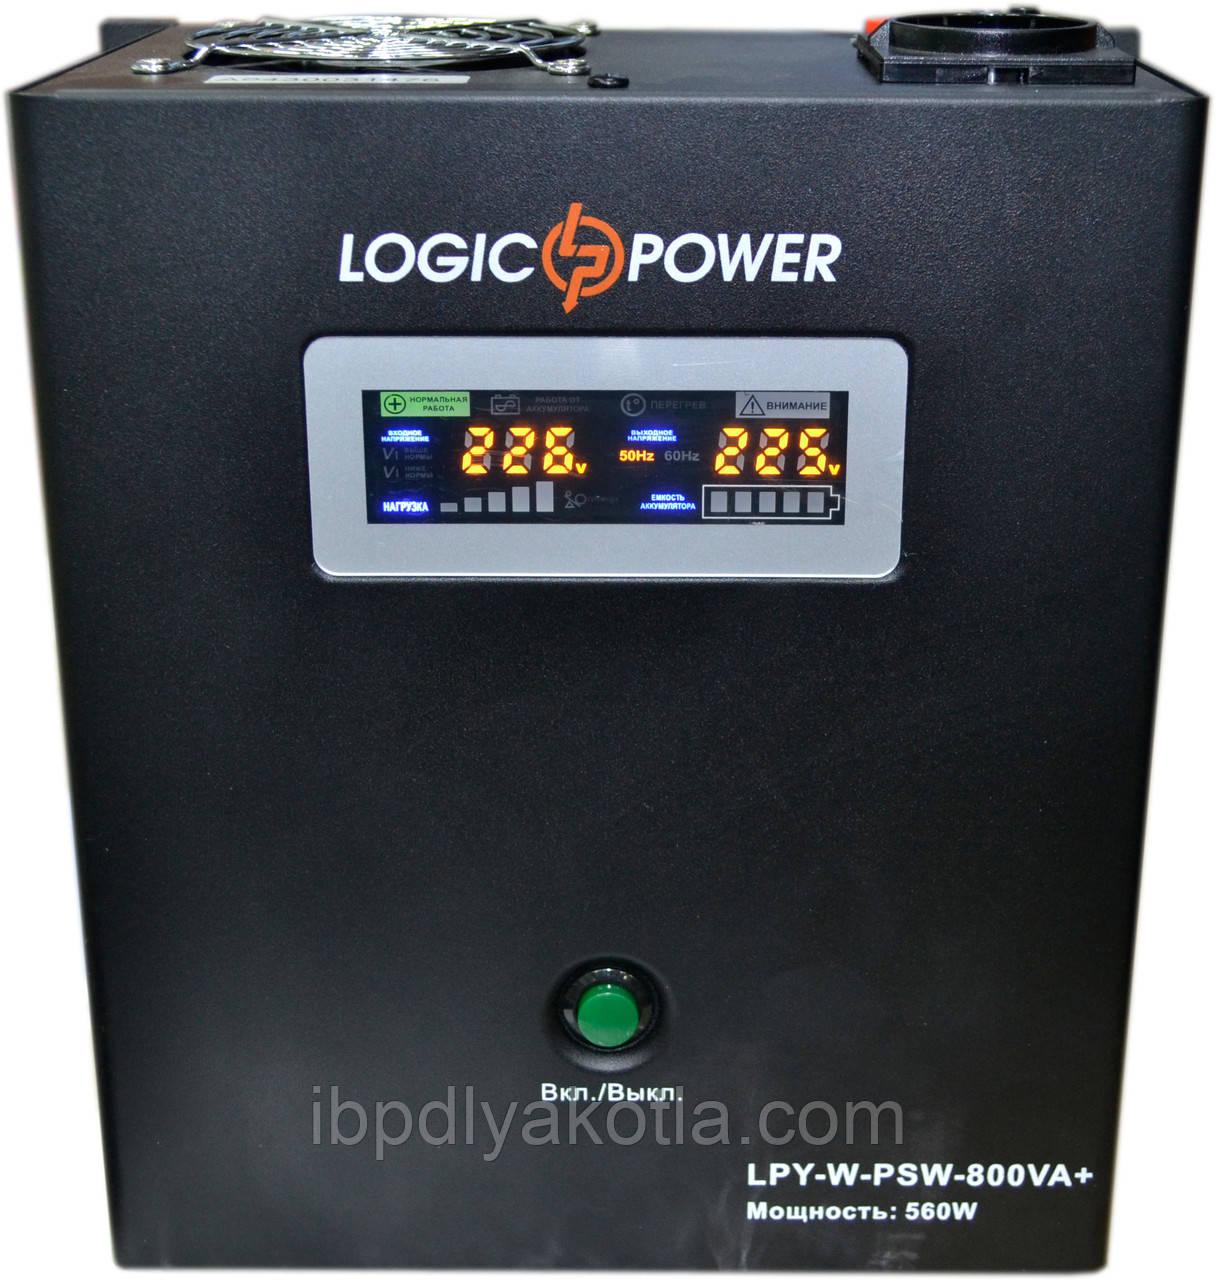 Logicpower LPY-W-PSW-800+